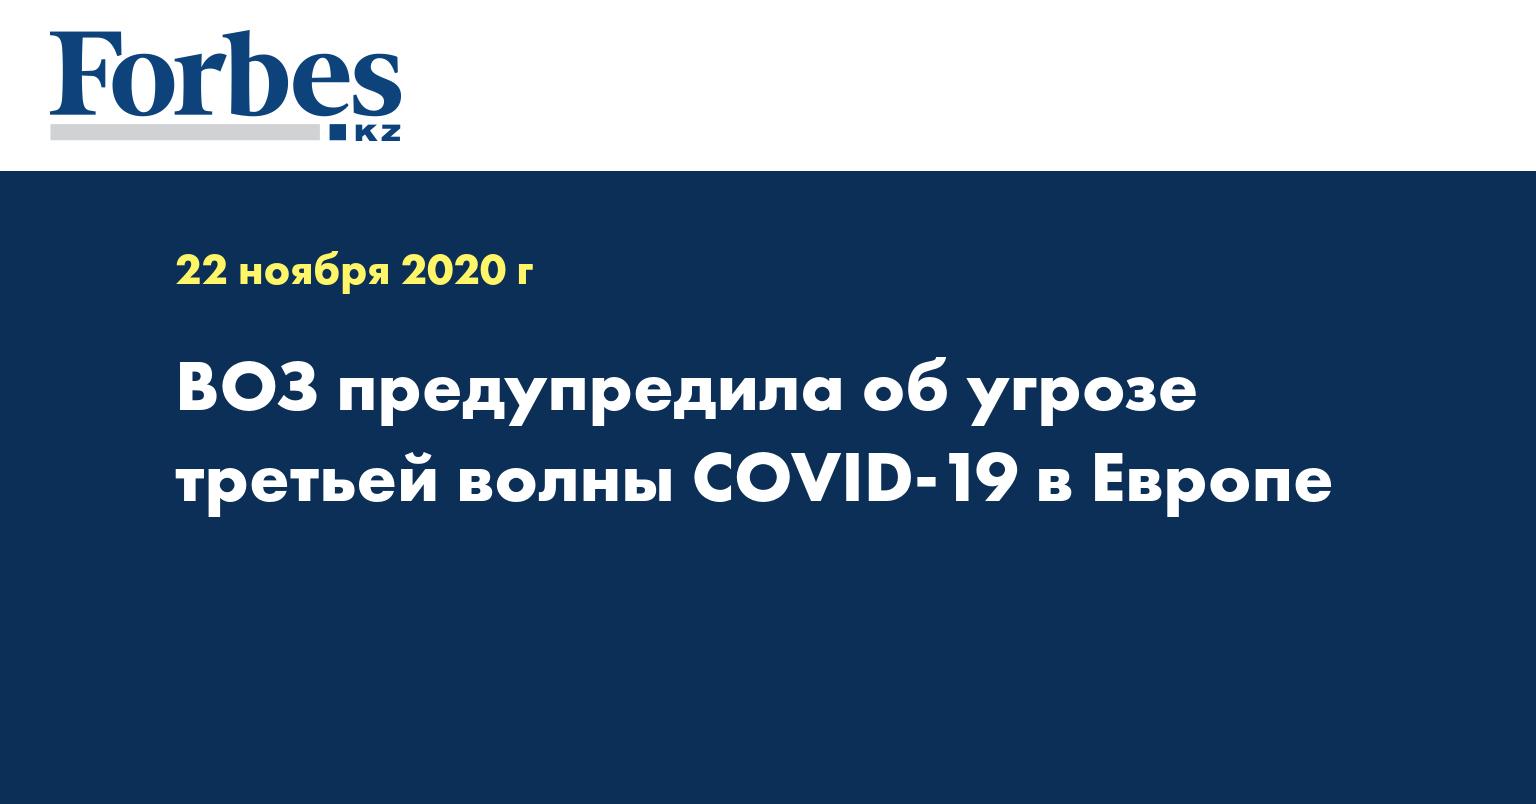 ВОЗ предупредила об угрозе третьей волны COVID-19 в Европе